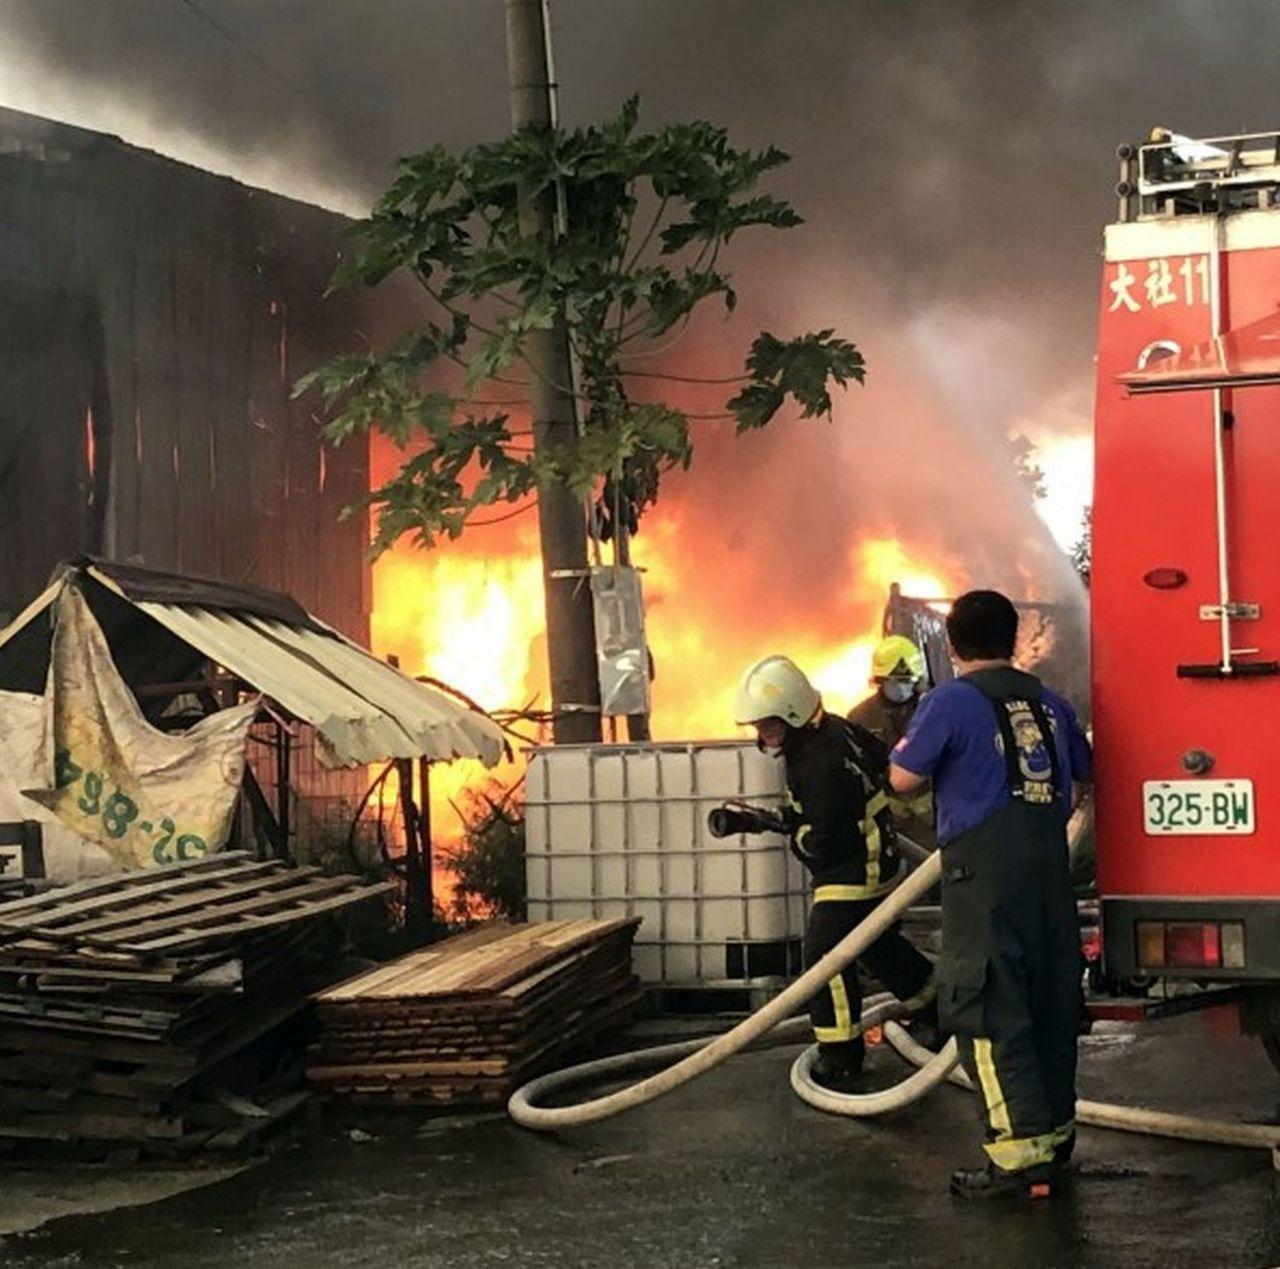 高雄大社區一家木材廠下午失火,消防局出動53人前往灌救,記者王昭月/翻攝